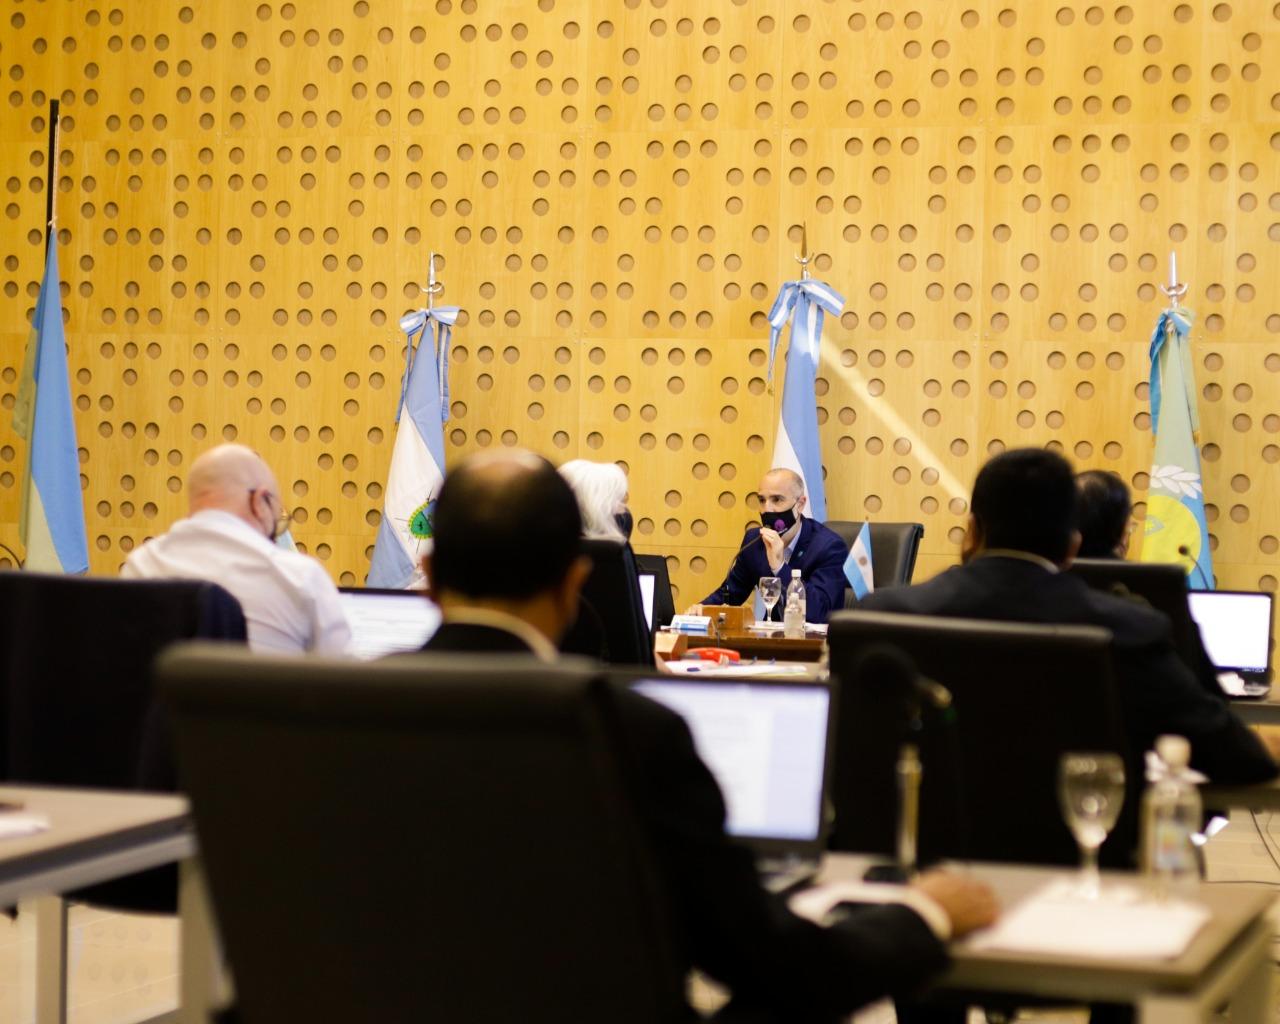 Concejo Deliberante: Ingresó el proyecto de Ordenanza Fiscal y Tarifaria 2021, se aprobaron contratos de préstamos y las inversiones del Plan Argentina Hace II